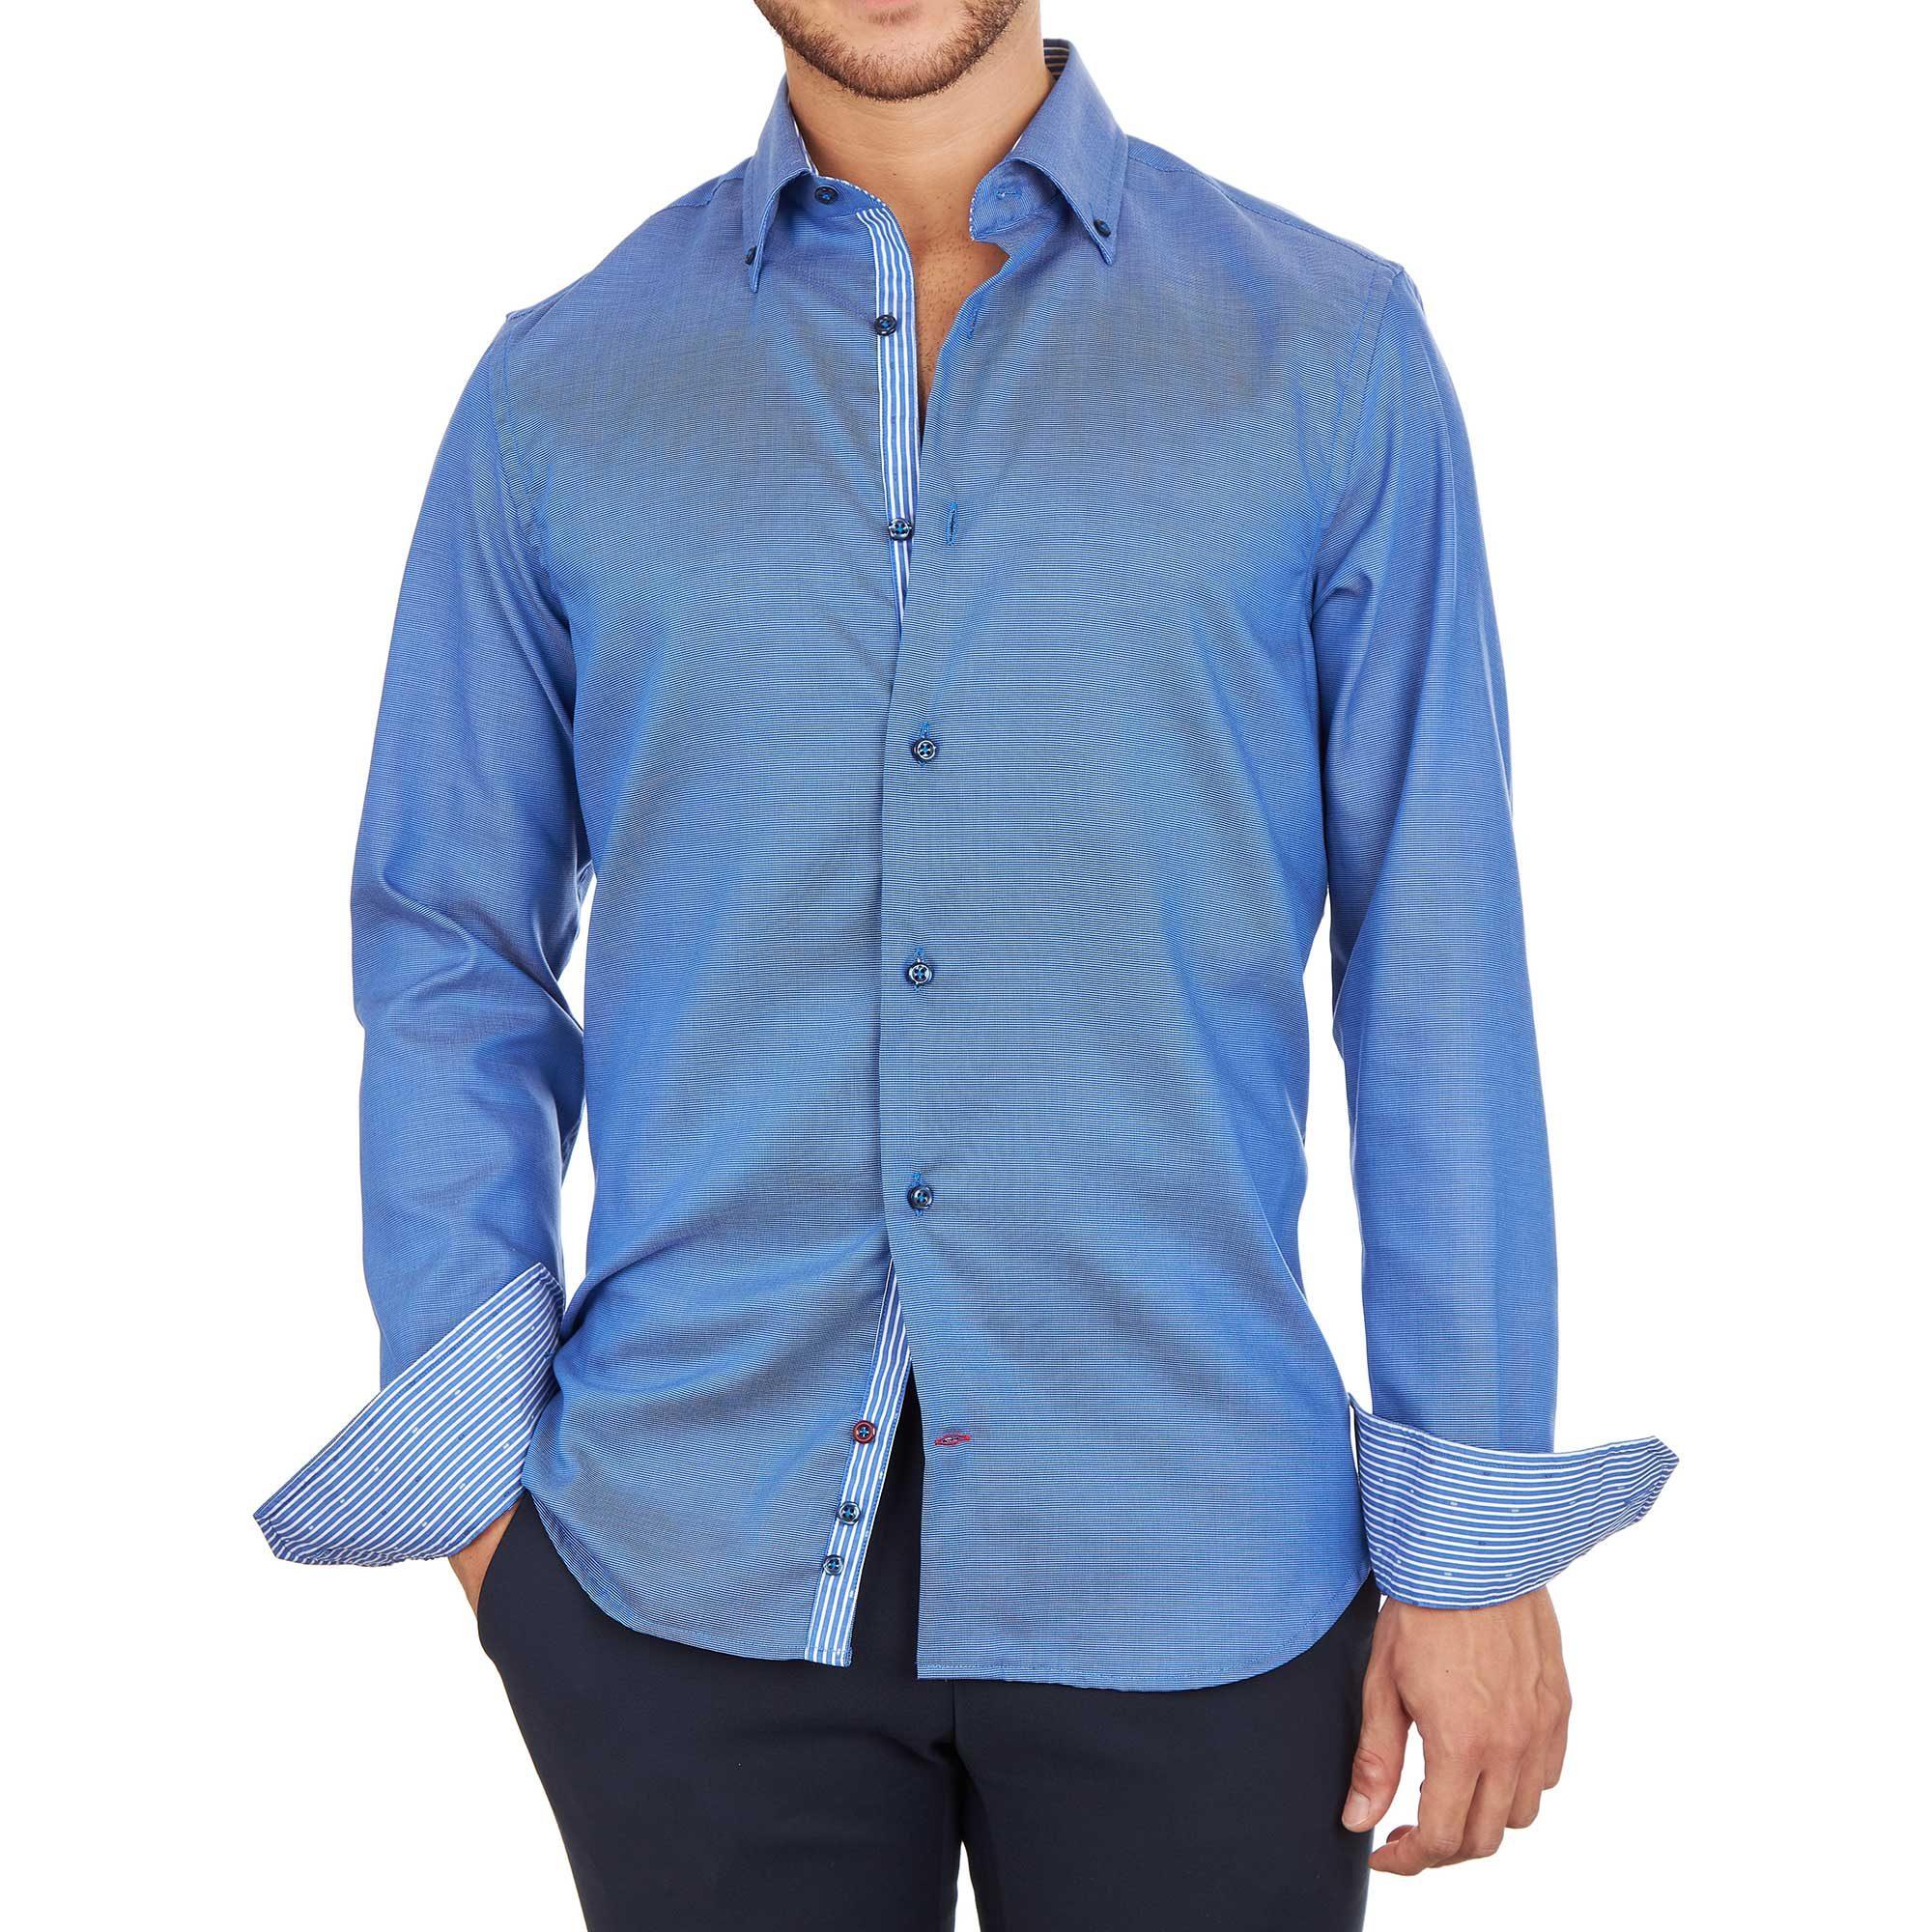 Modello con camicia blu da uomo con inserti a righe